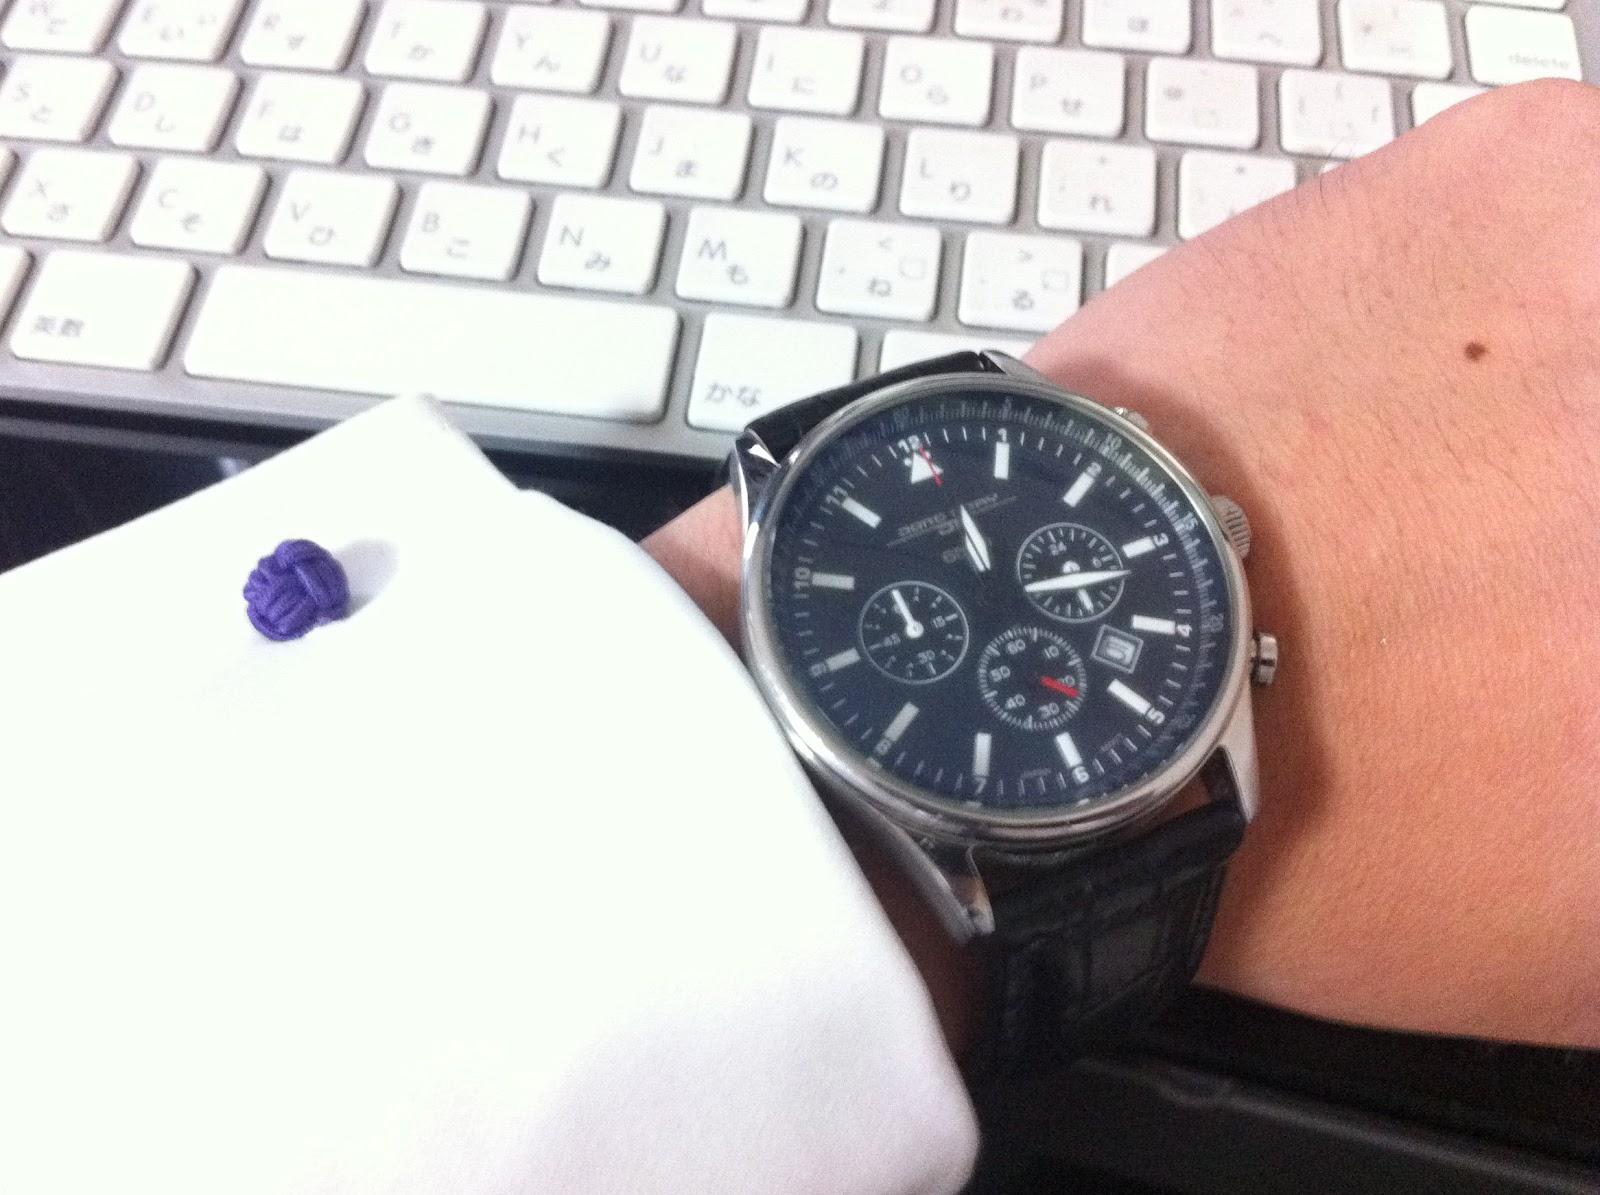 ドイツ生まれのイケてる腕時計「Sinn」 - ほどほどのばしょ。